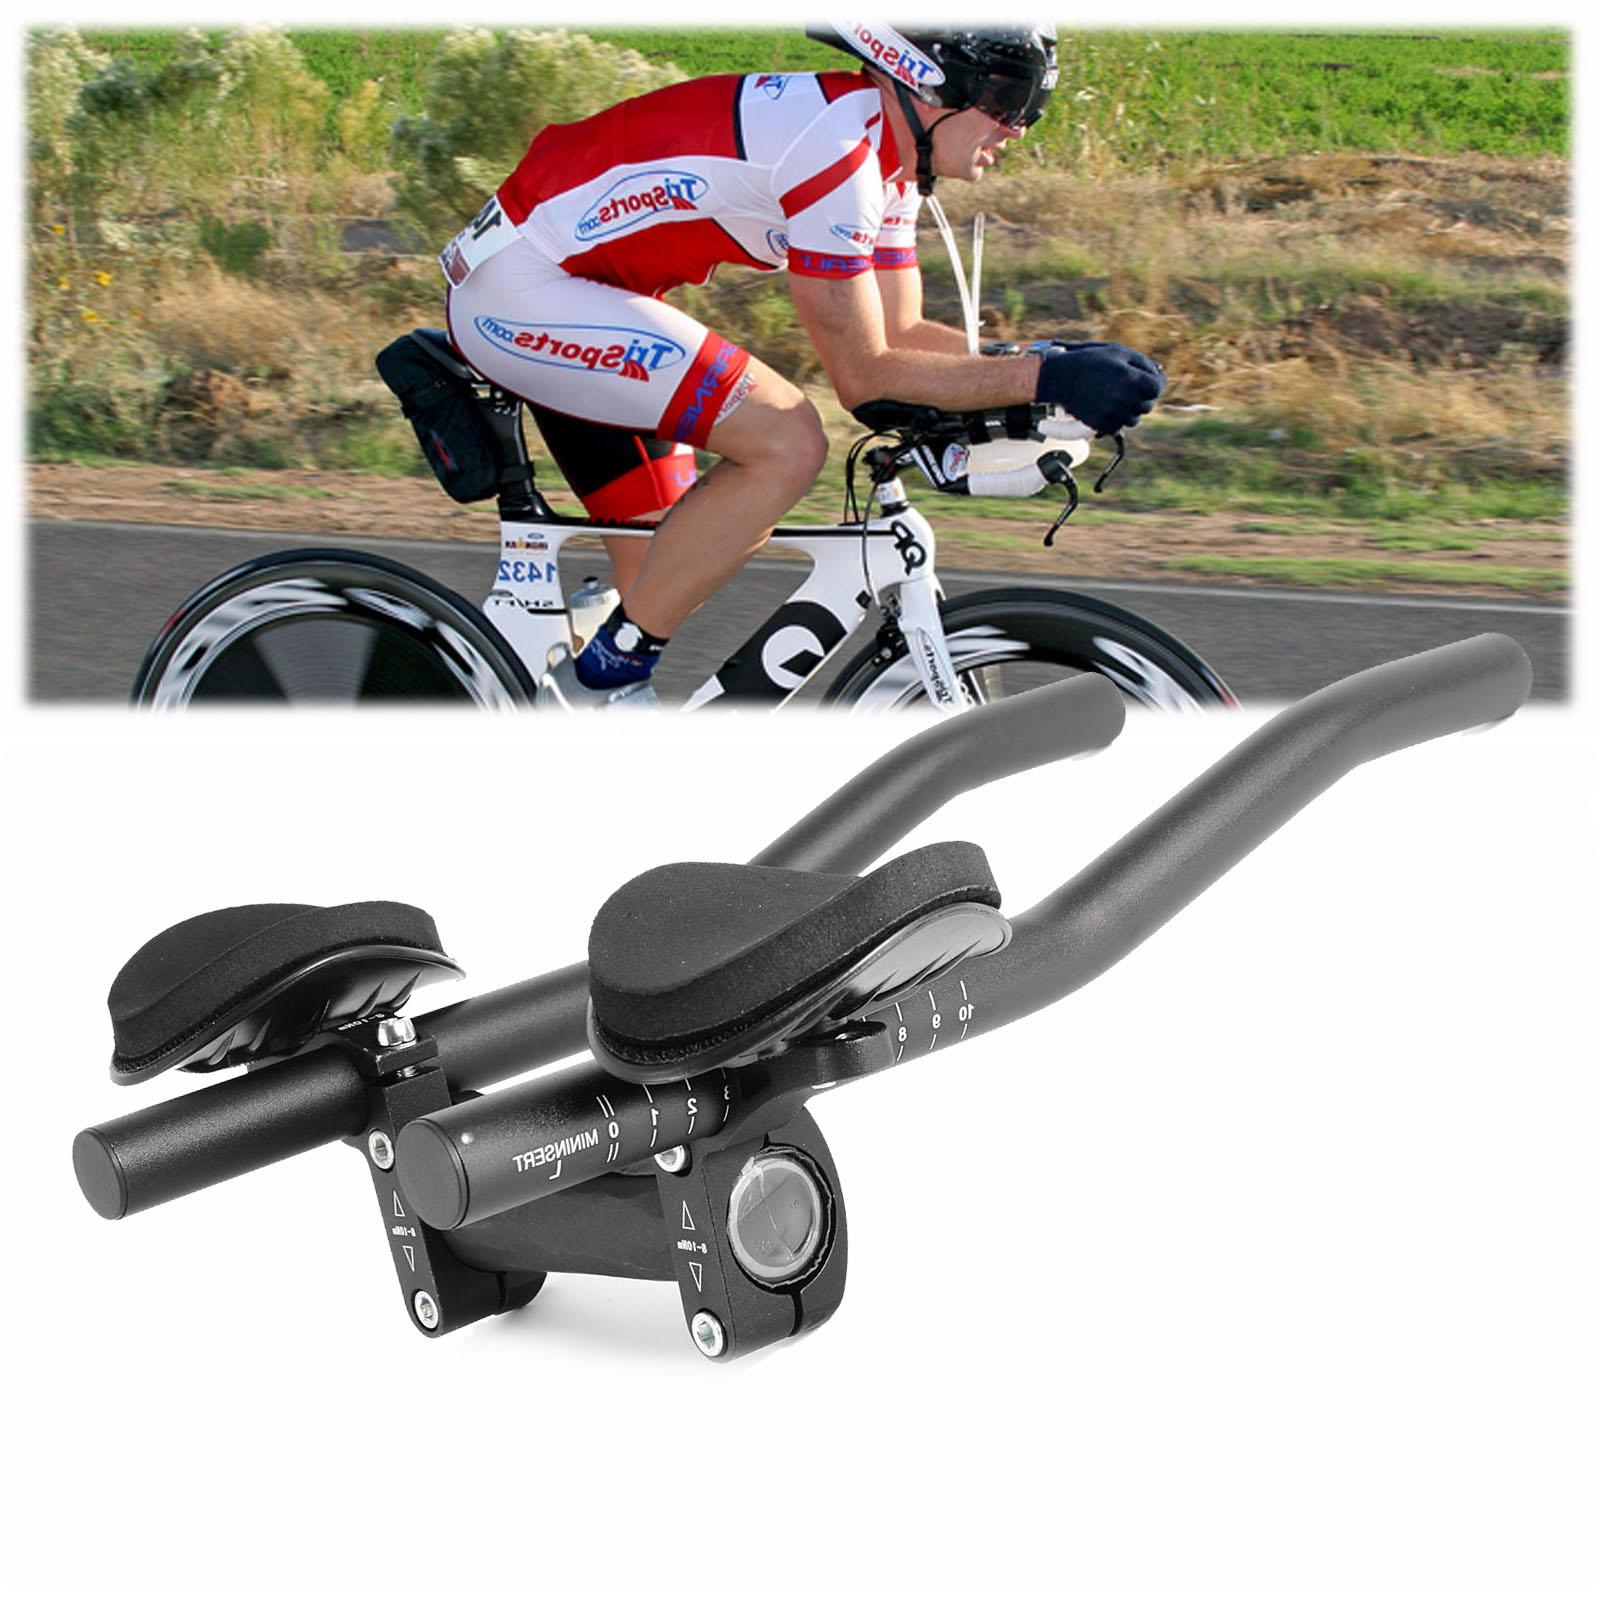 Road Bike Bicycle Alloy Triathlon Aero Rest Handle Bar Handlebar 31.8mm Comfy